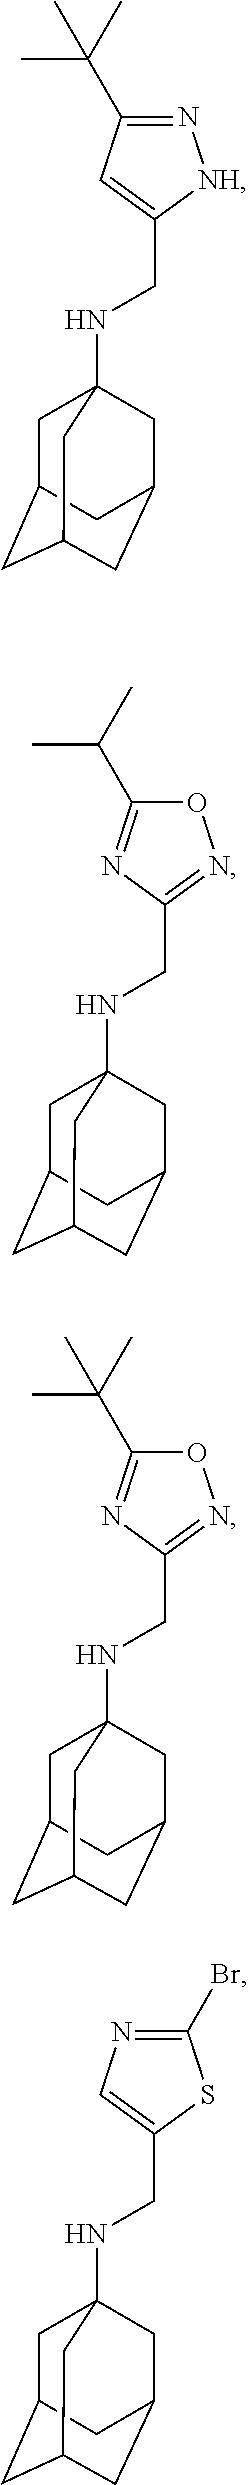 Figure US09884832-20180206-C00150